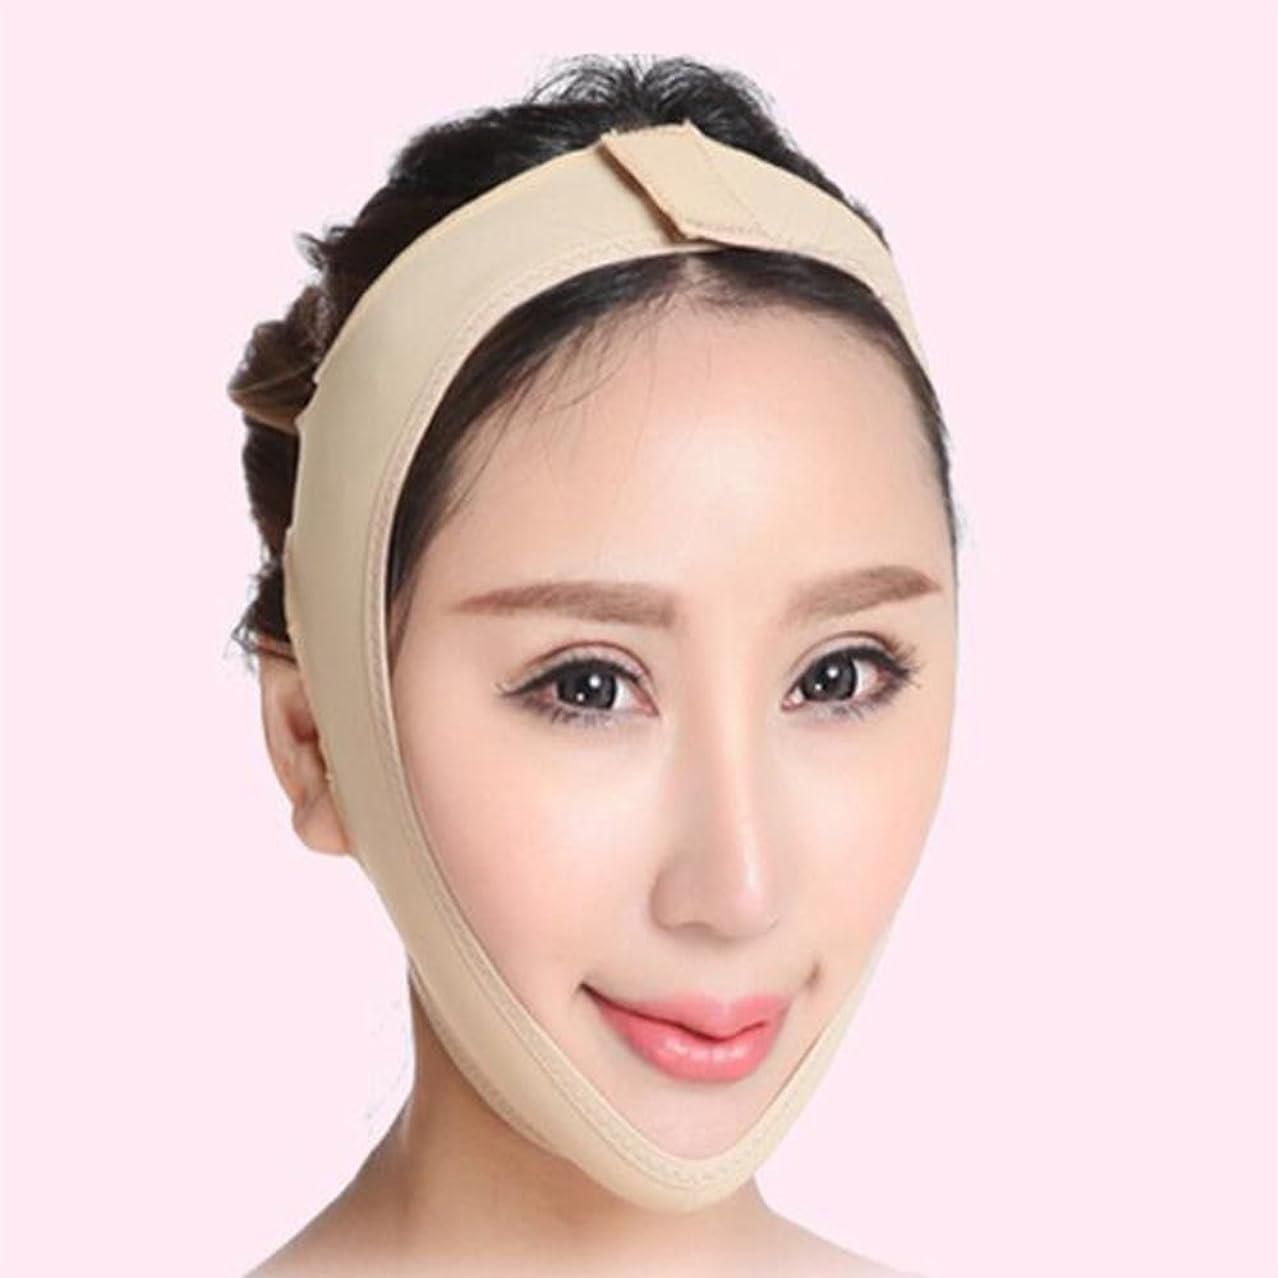 断言するひいきにするジャングルSD 小顔 小顔マスク リフトアップ マスク フェイスライン 矯正 あご シャープ メンズ レディース Mサイズ AZD15003-M